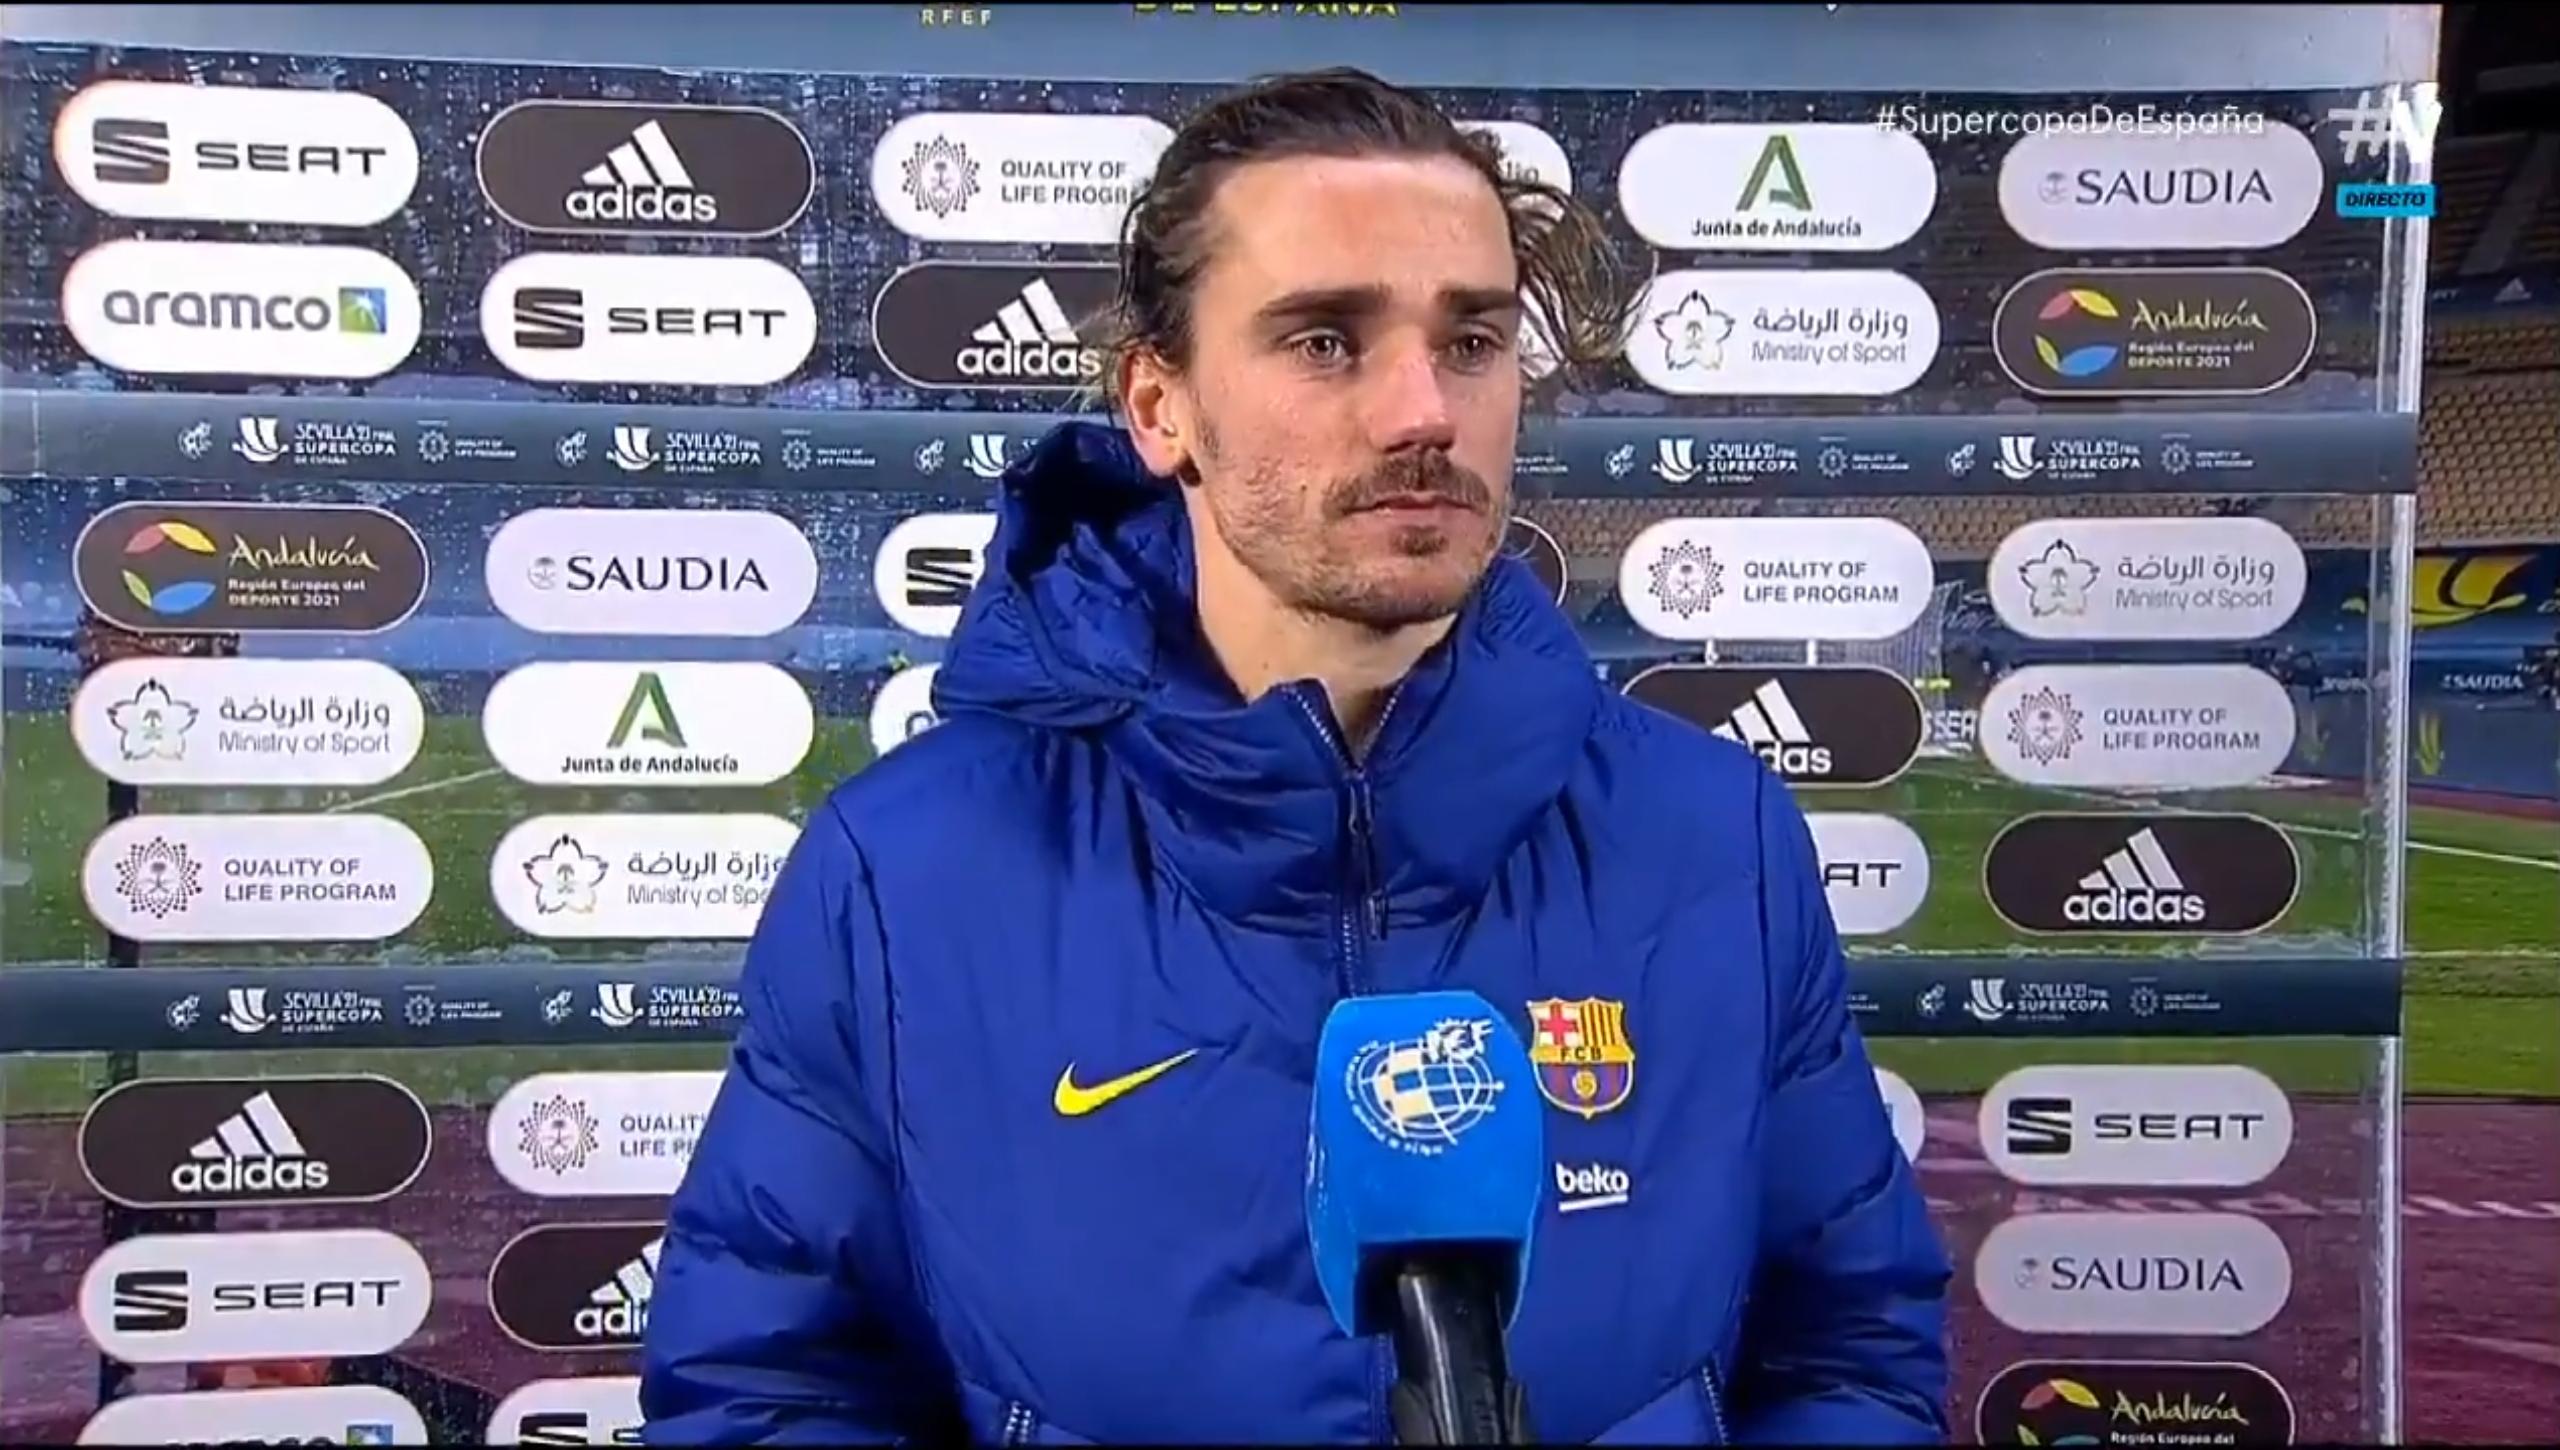 格列兹曼:我没看到梅西的犯规,防守的时分咋都没人喊的